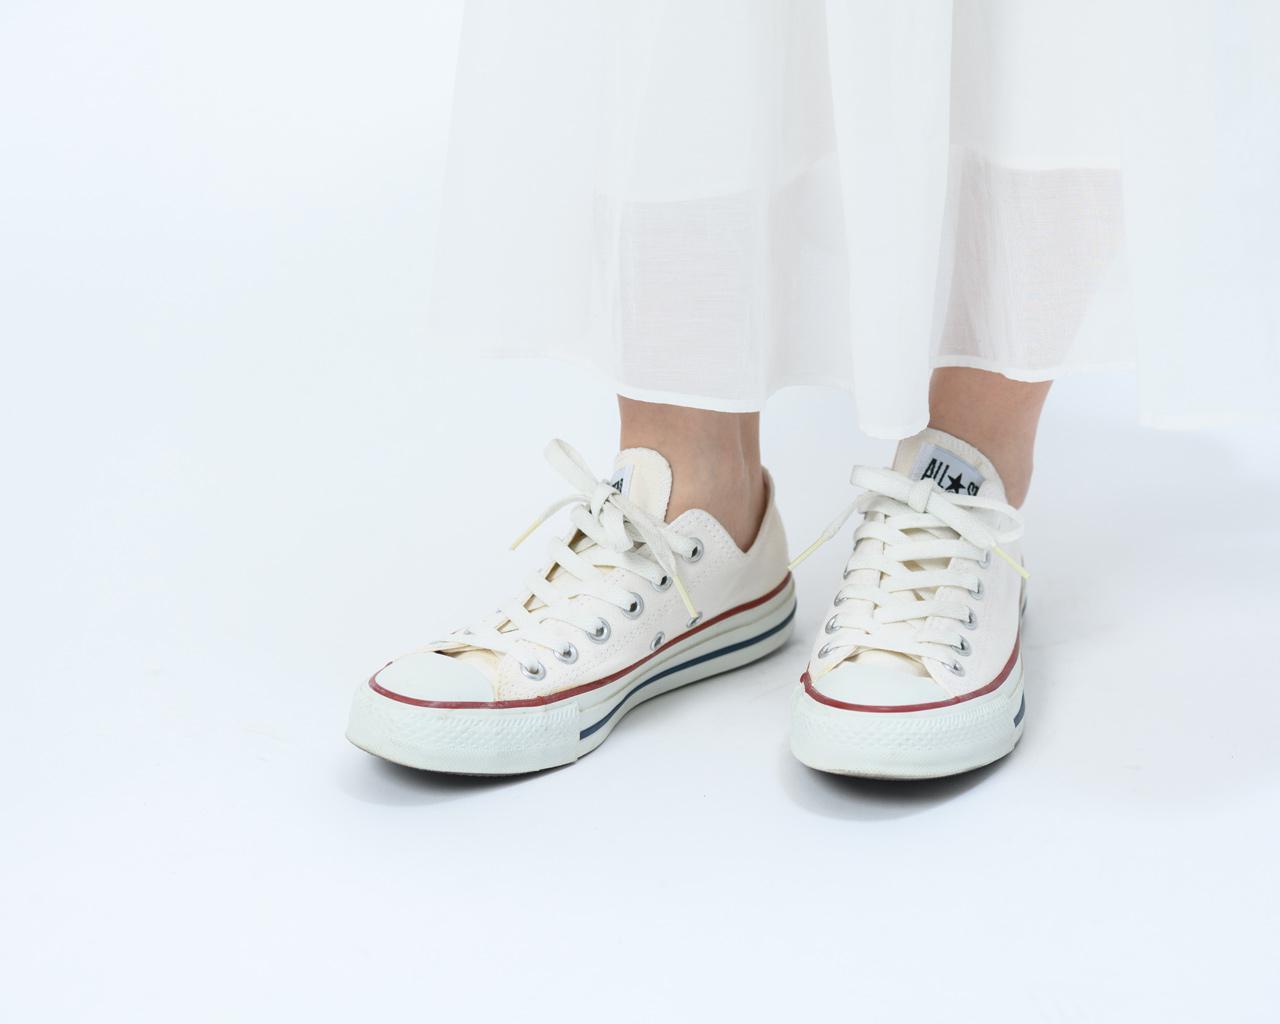 画像: 靴ひもがゆるい状態(斜めから見たところ)